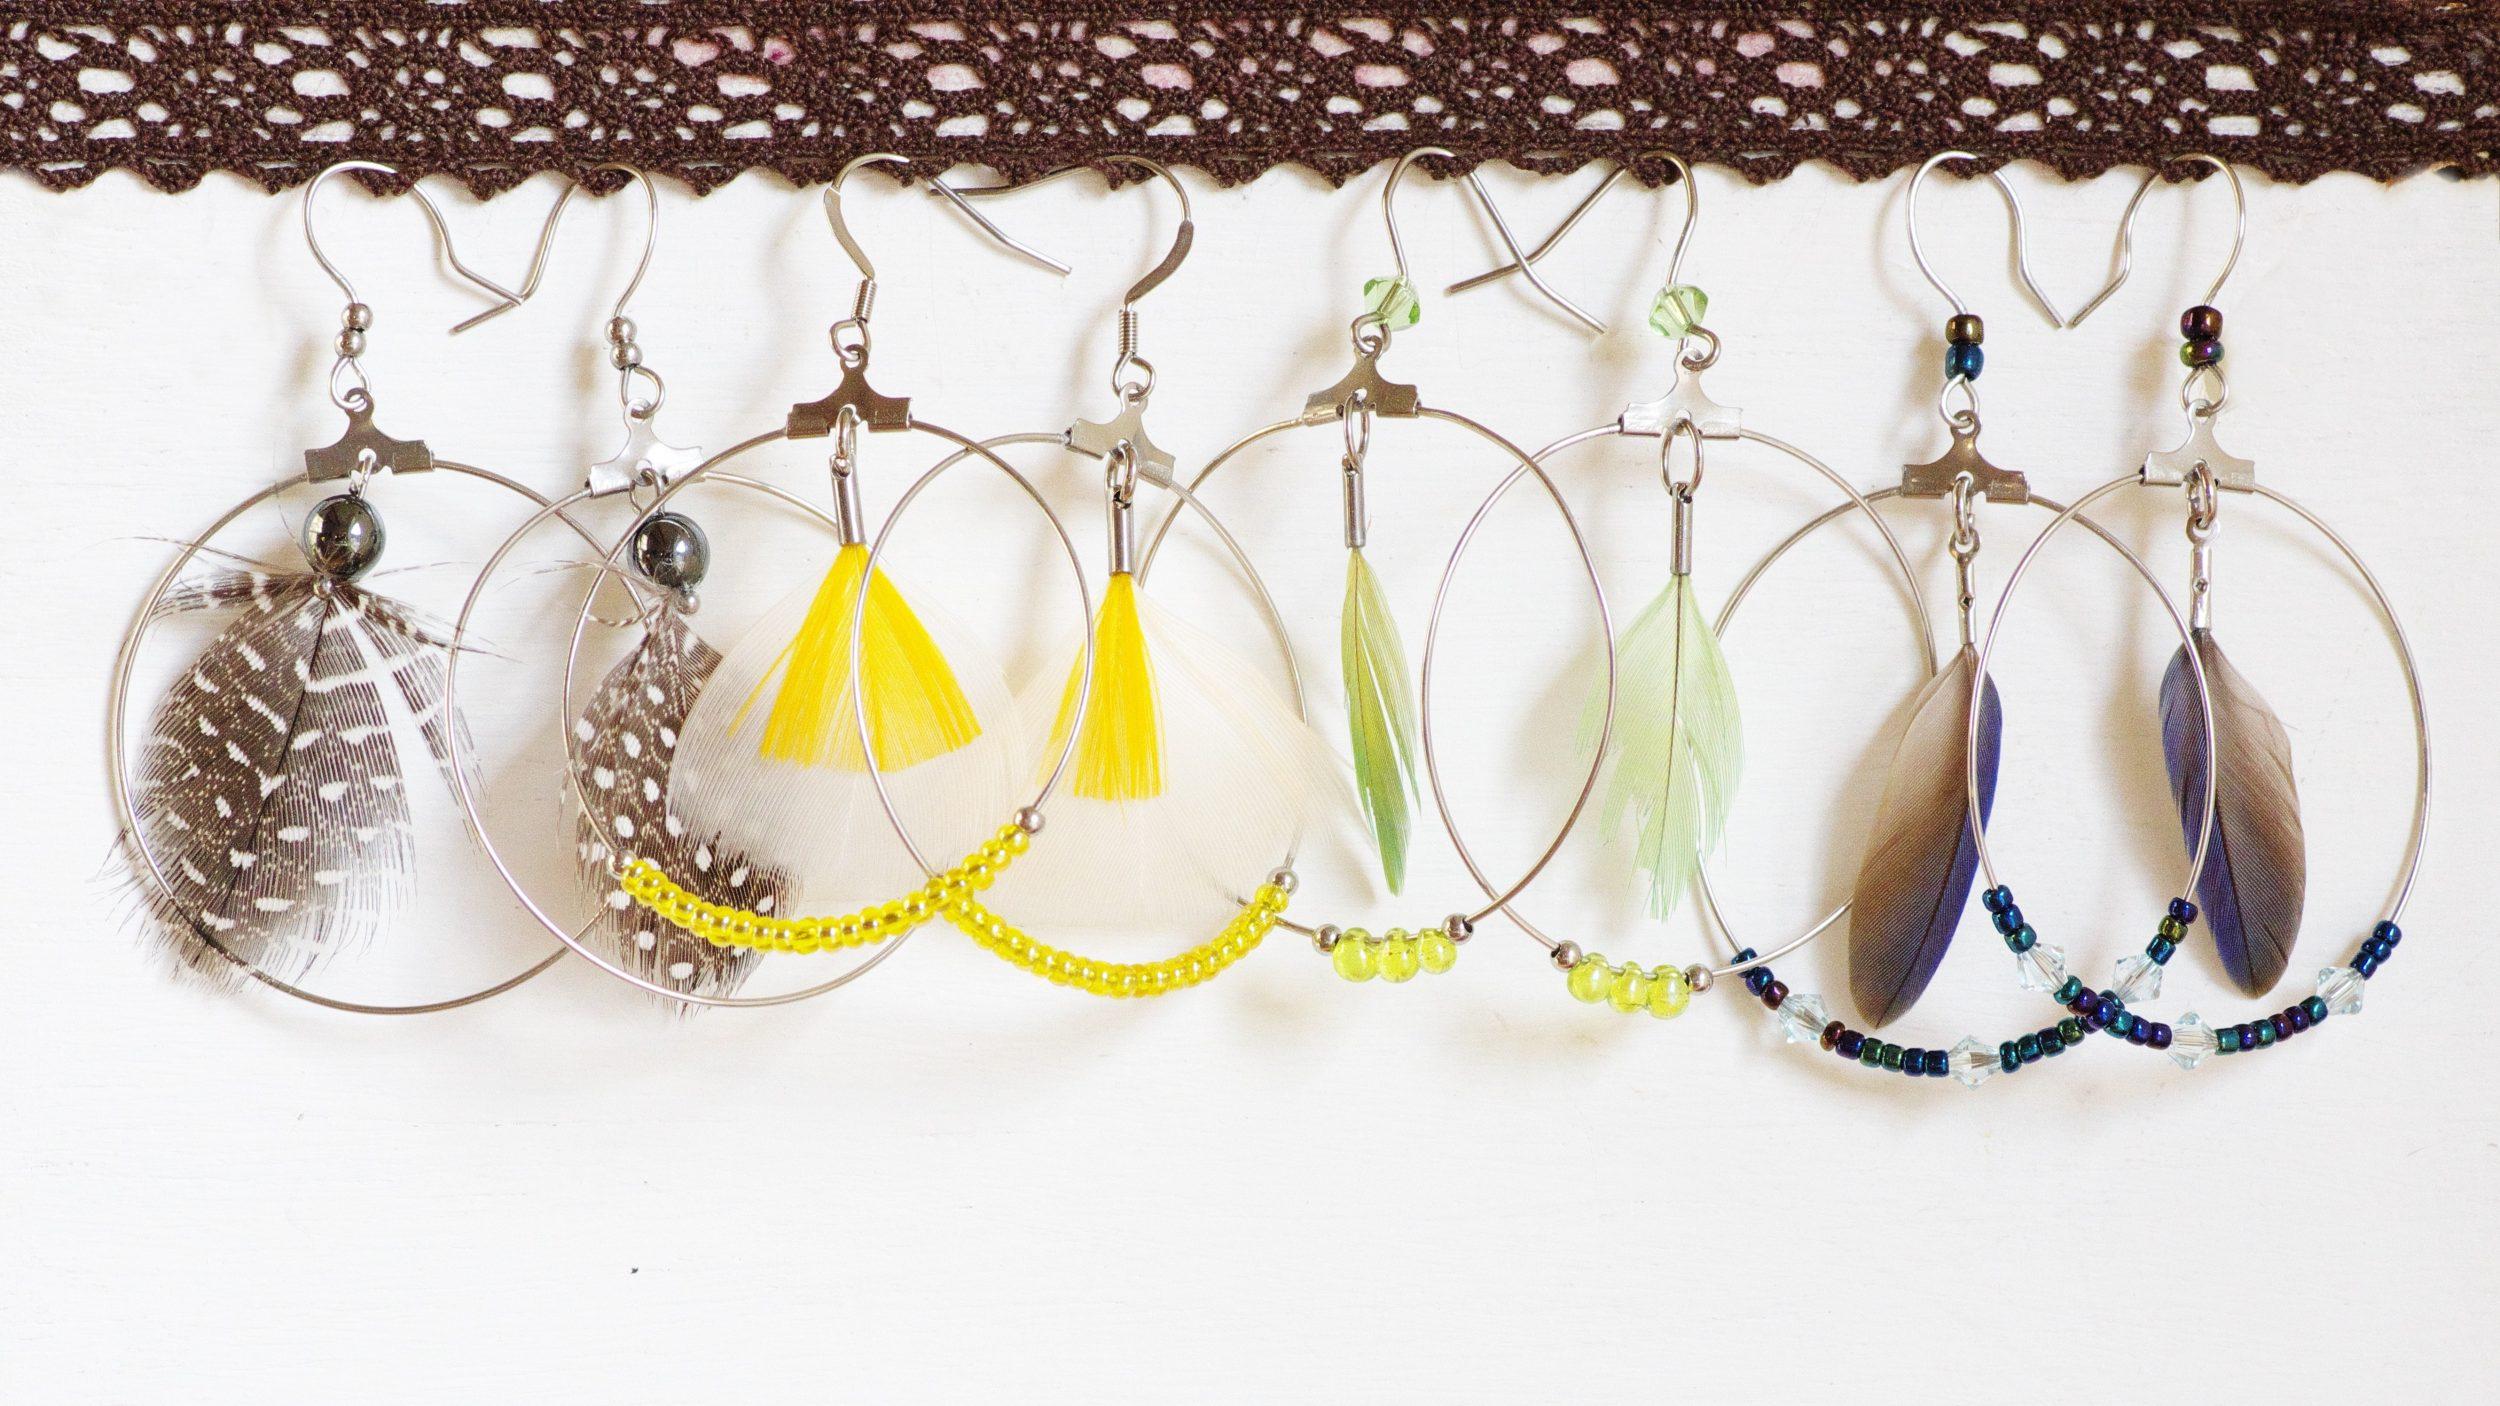 série de boucles d'oreilles type créole avec des plumes à l'intérieur des anneaux. Plusieurs couleurs.